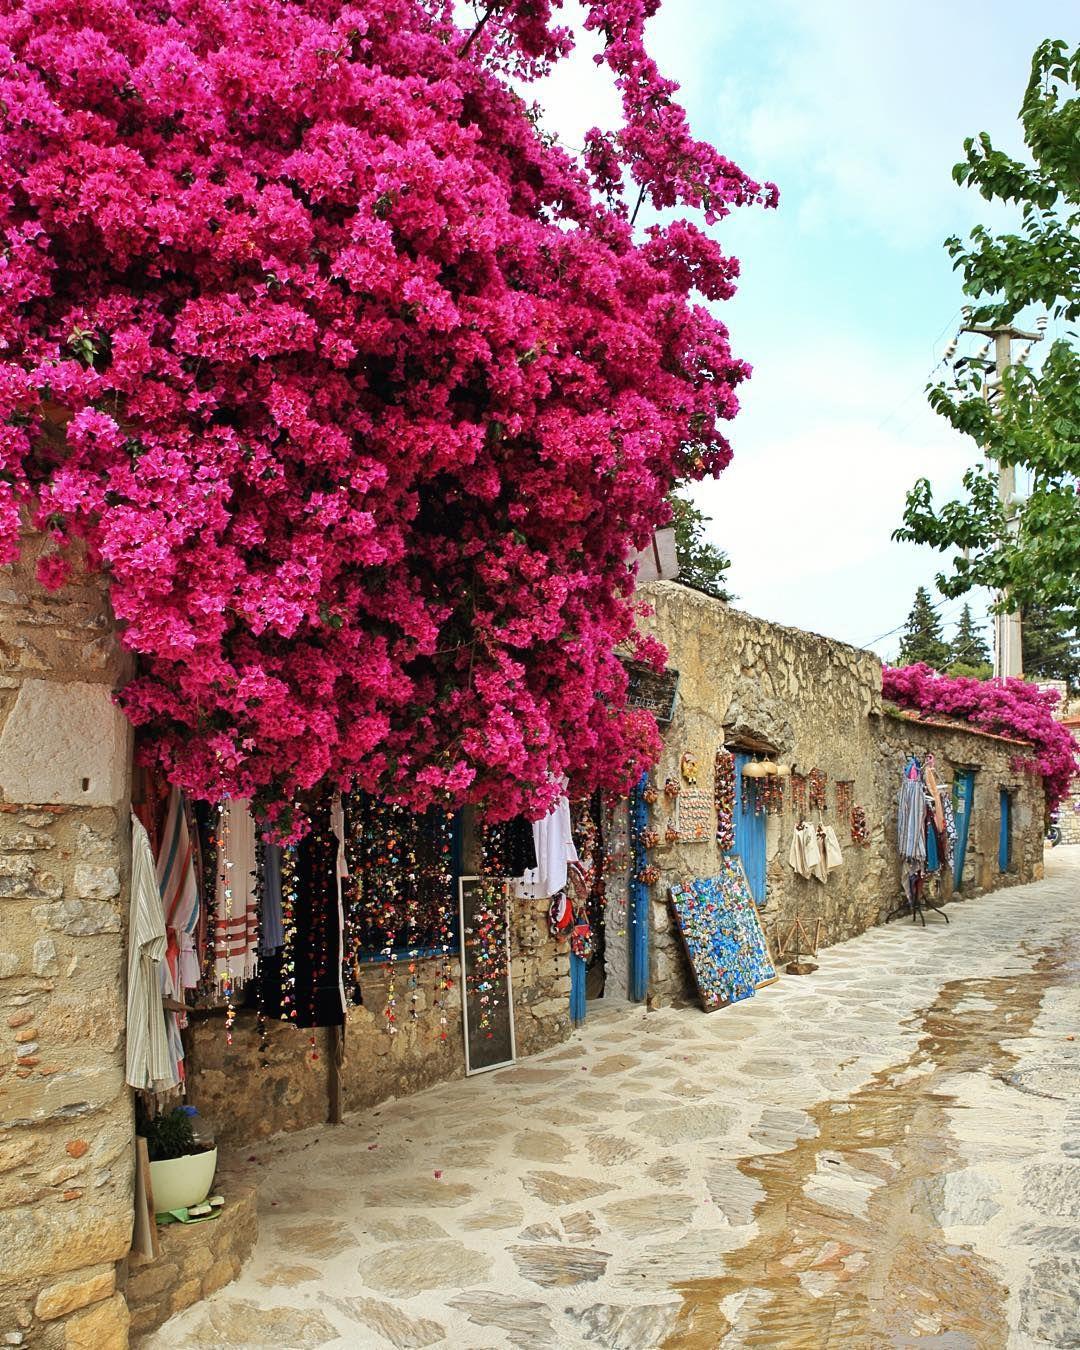 """Datca Mugla Turkey <a href=""""http://musapg.catspray.hop.clickbank.net/""""><img src=""""http://www.catsprayingnomore.com/images/banners/standard/ad3.jpg"""" border=""""0"""" alt=""""Cat Spraying No More"""" /></a>"""